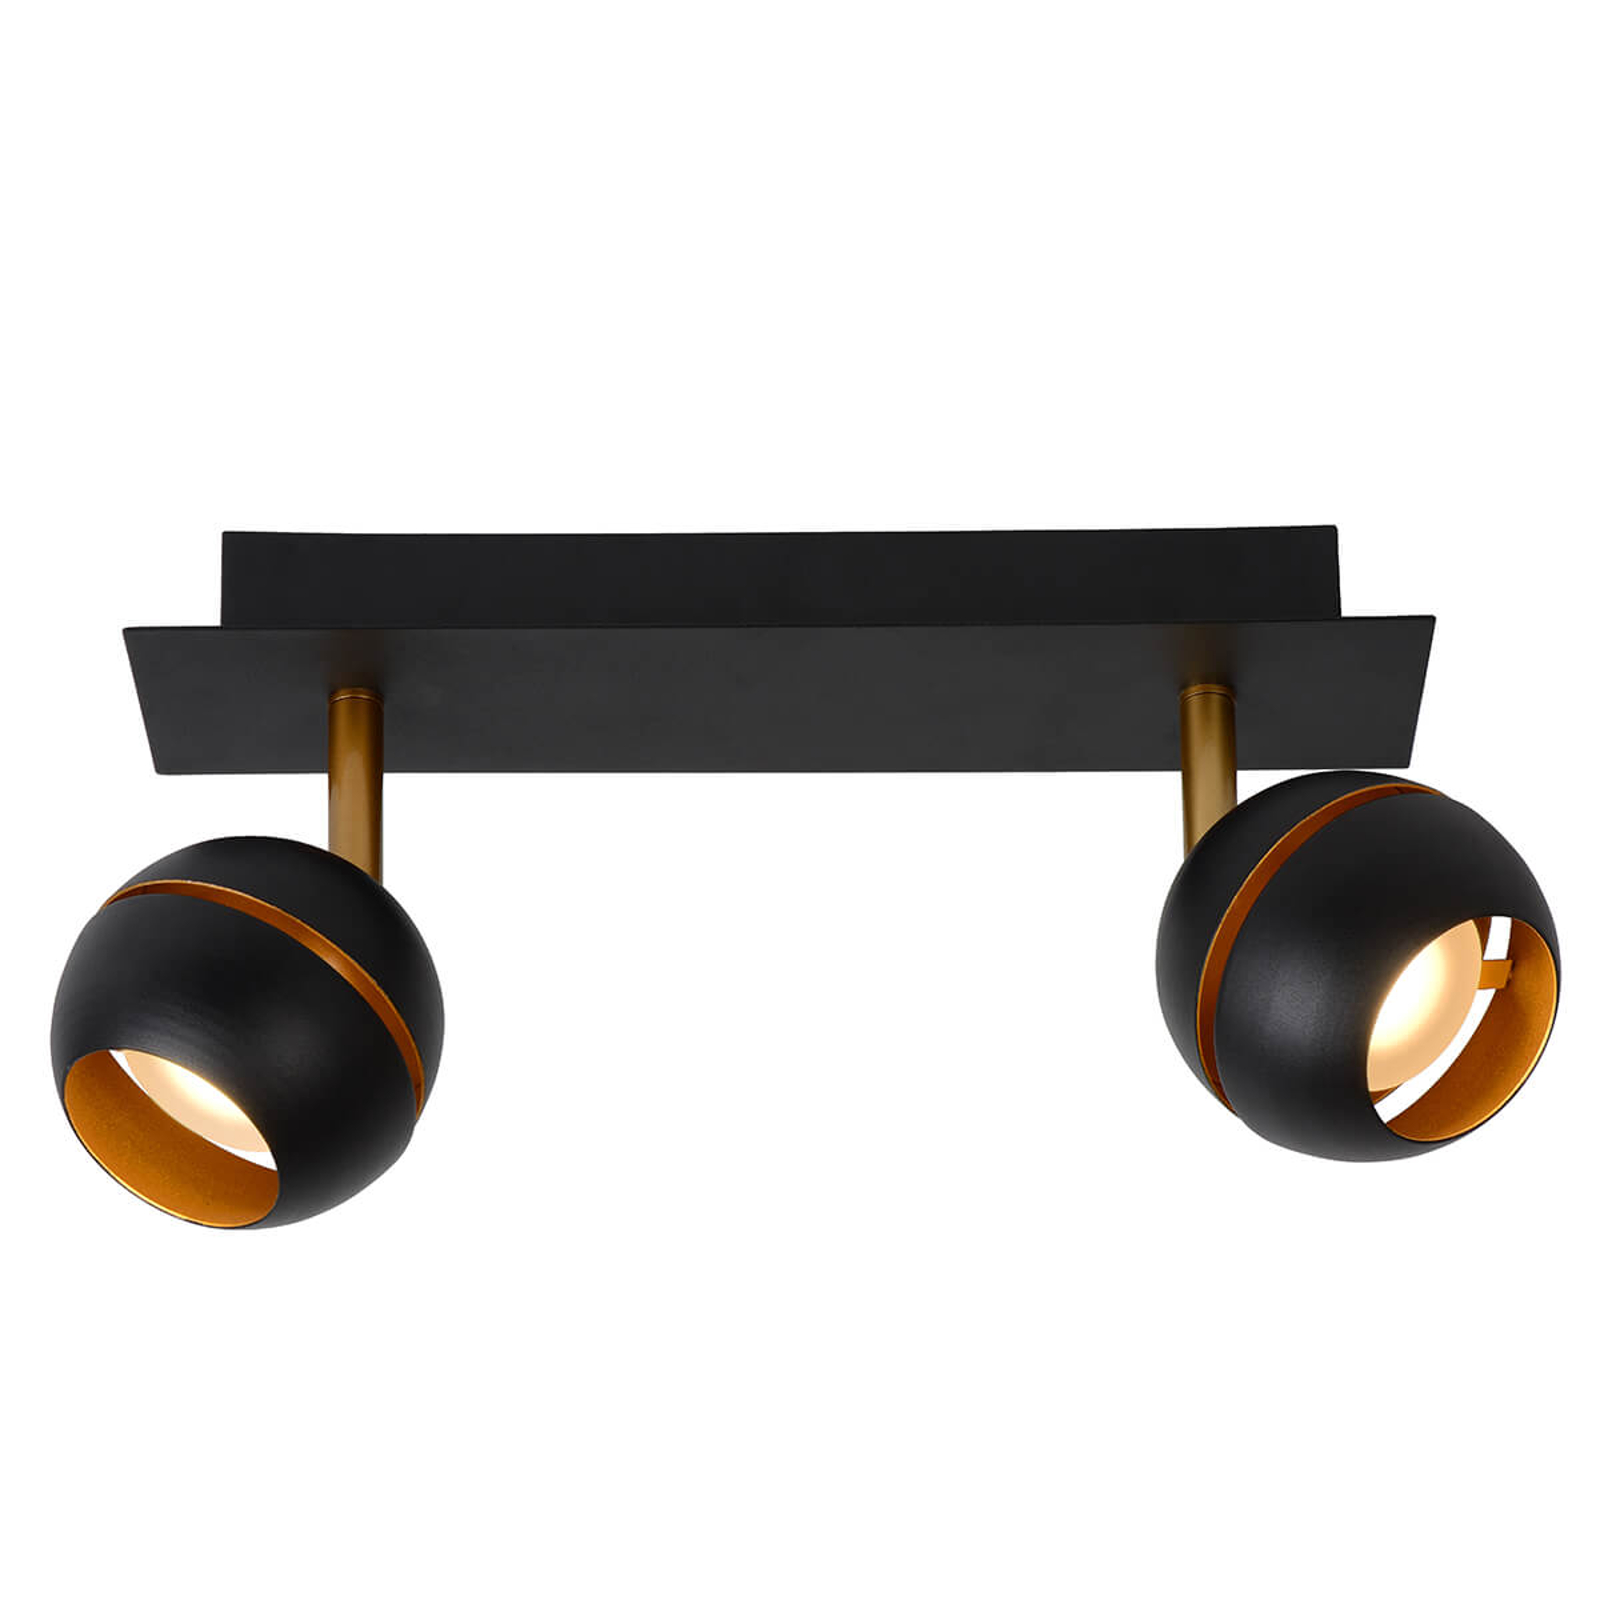 LED-Deckenleuchte Binari, zweiflammig, schwarz